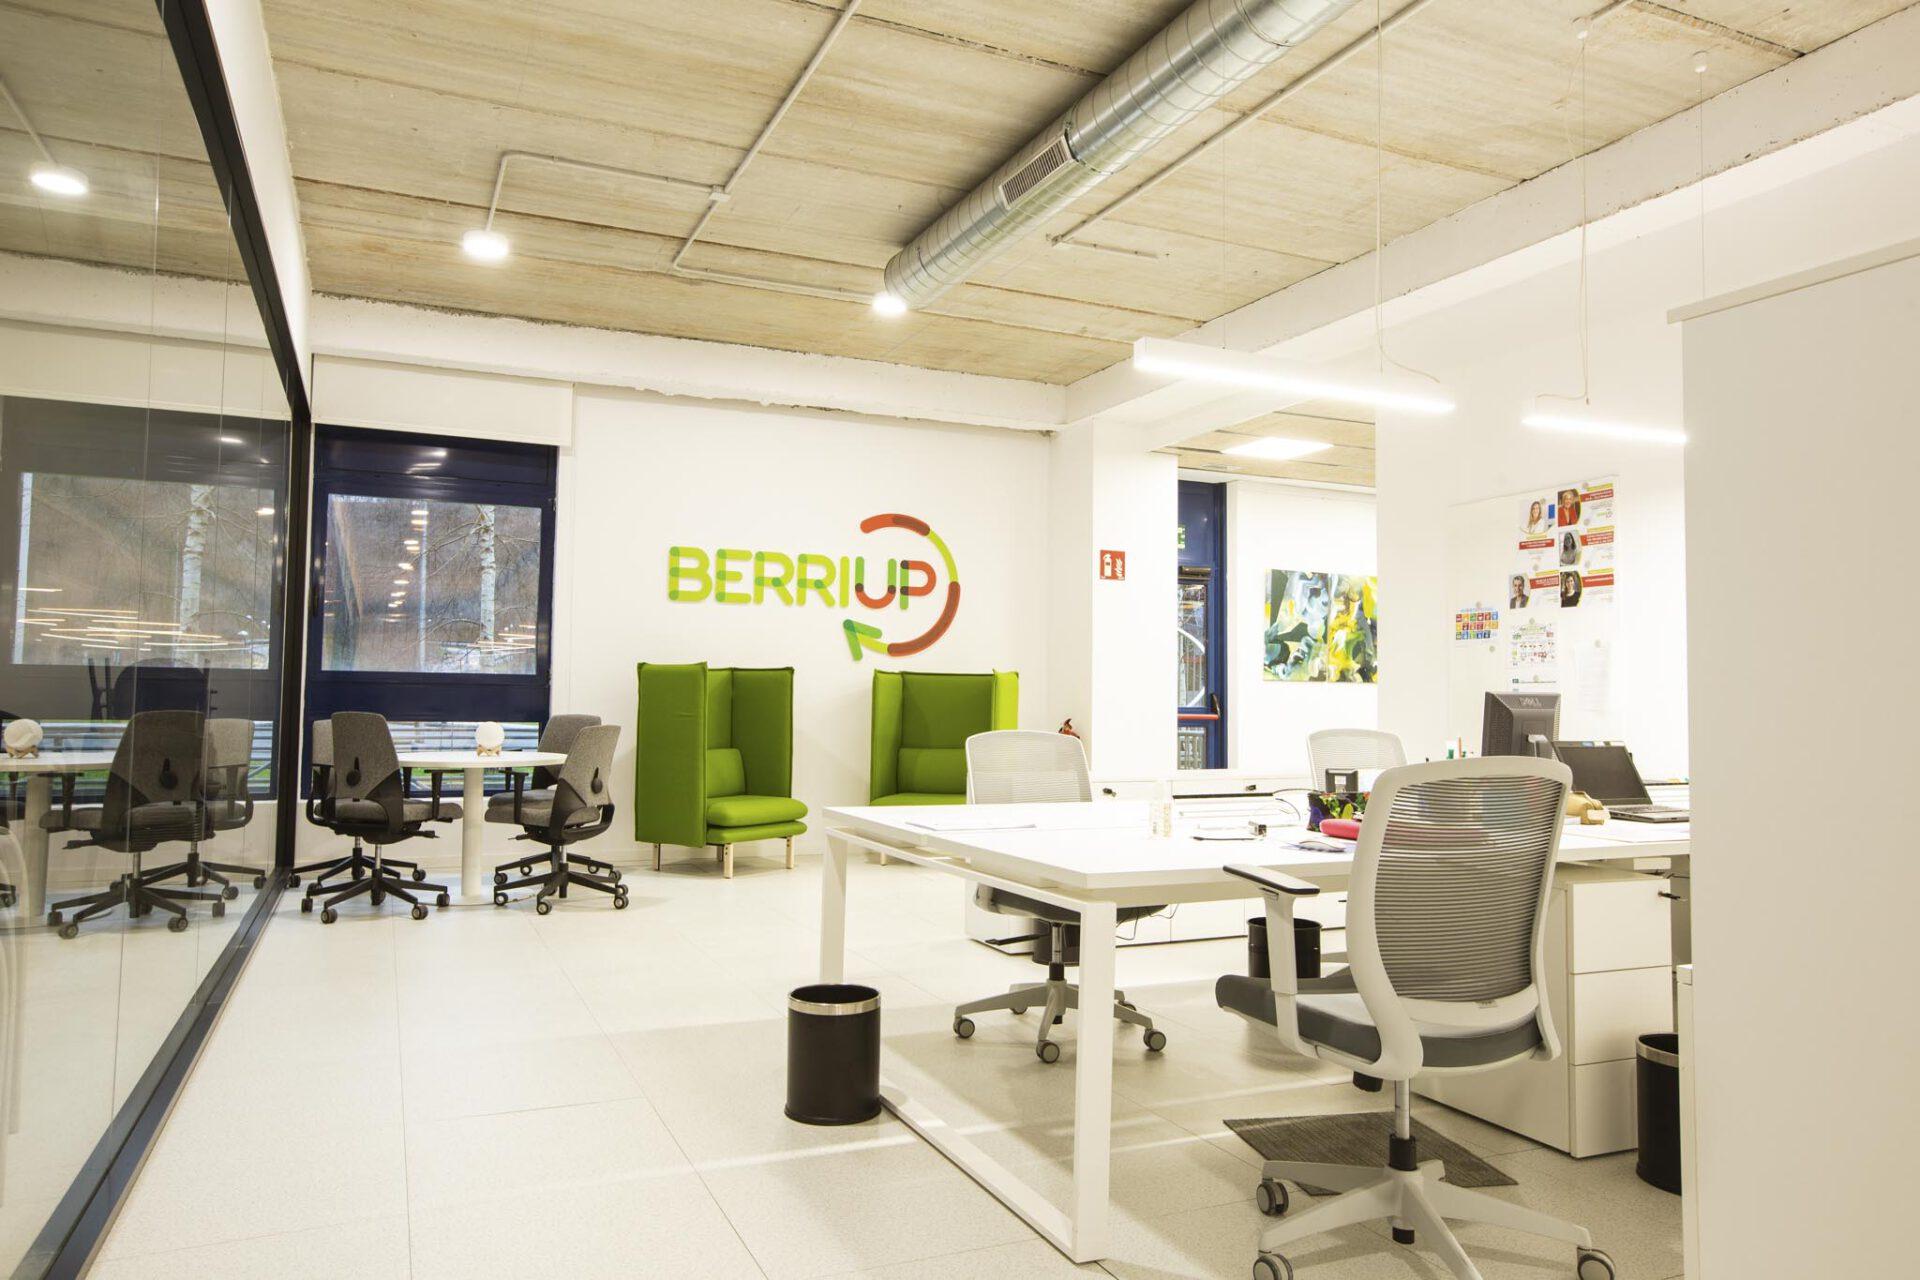 BERRIUP-6